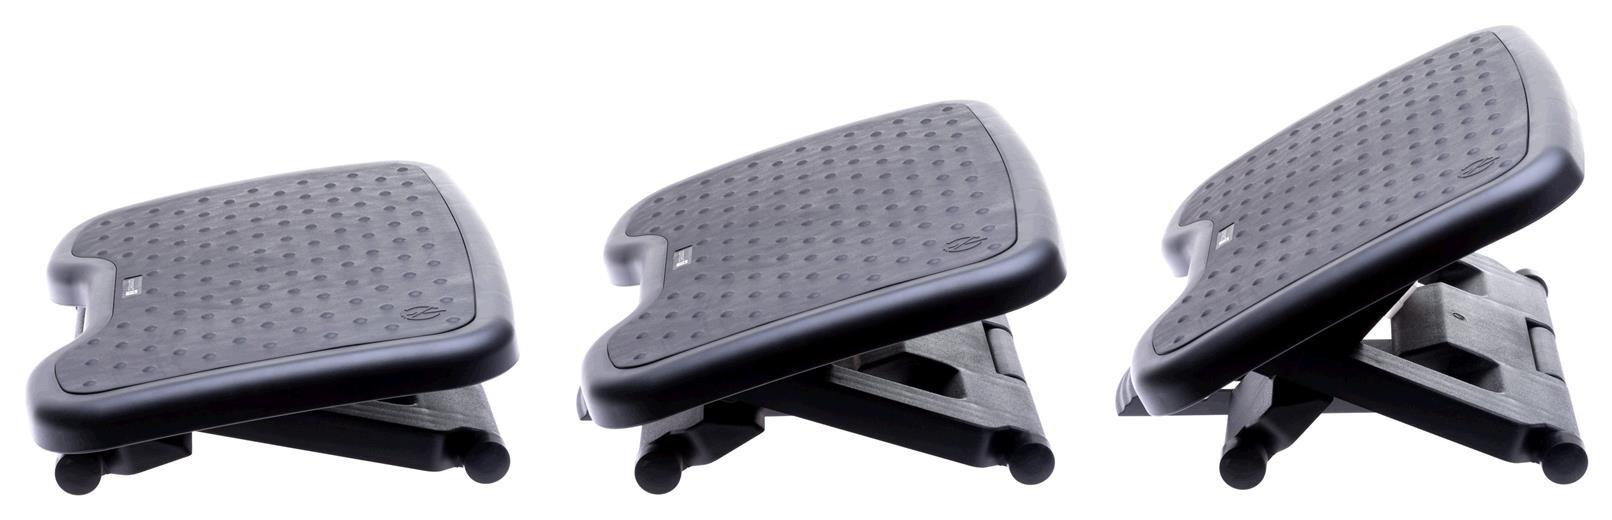 Podložka Connect IT FOR HEALTH polohovatelná podložka pod nohy